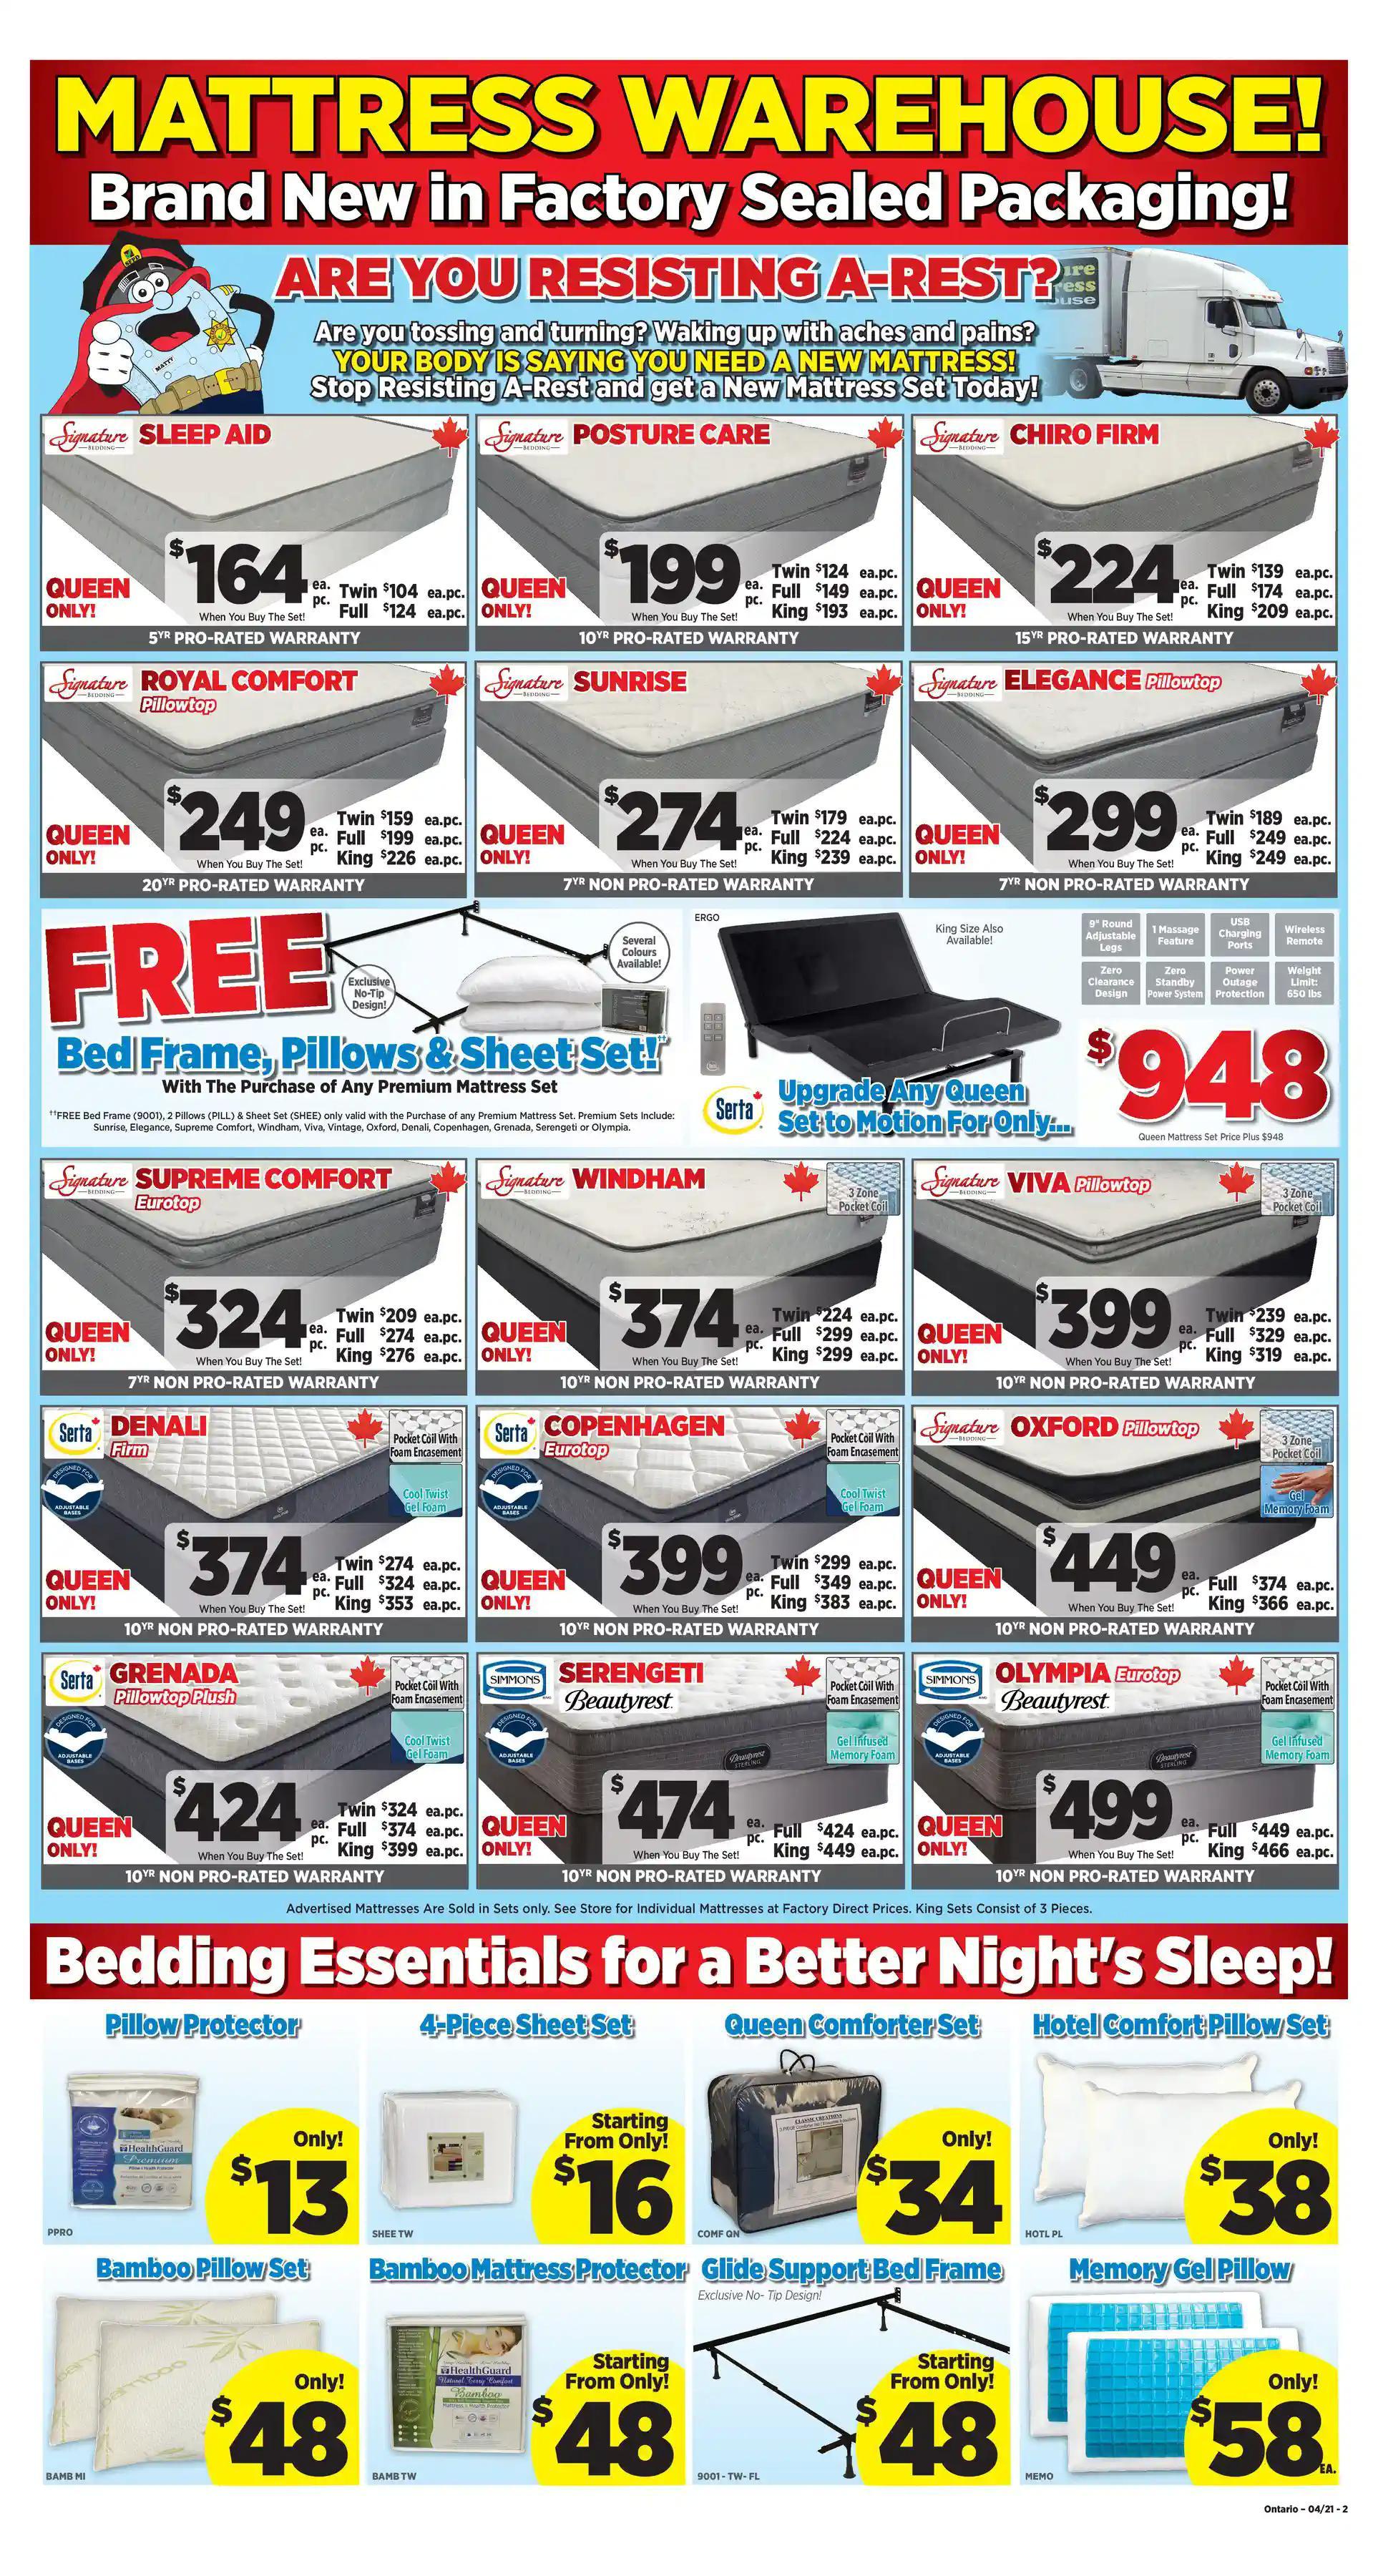 Surplus Furniture & Mattress Warehouse - 3 Weeks of Savings - Page 2